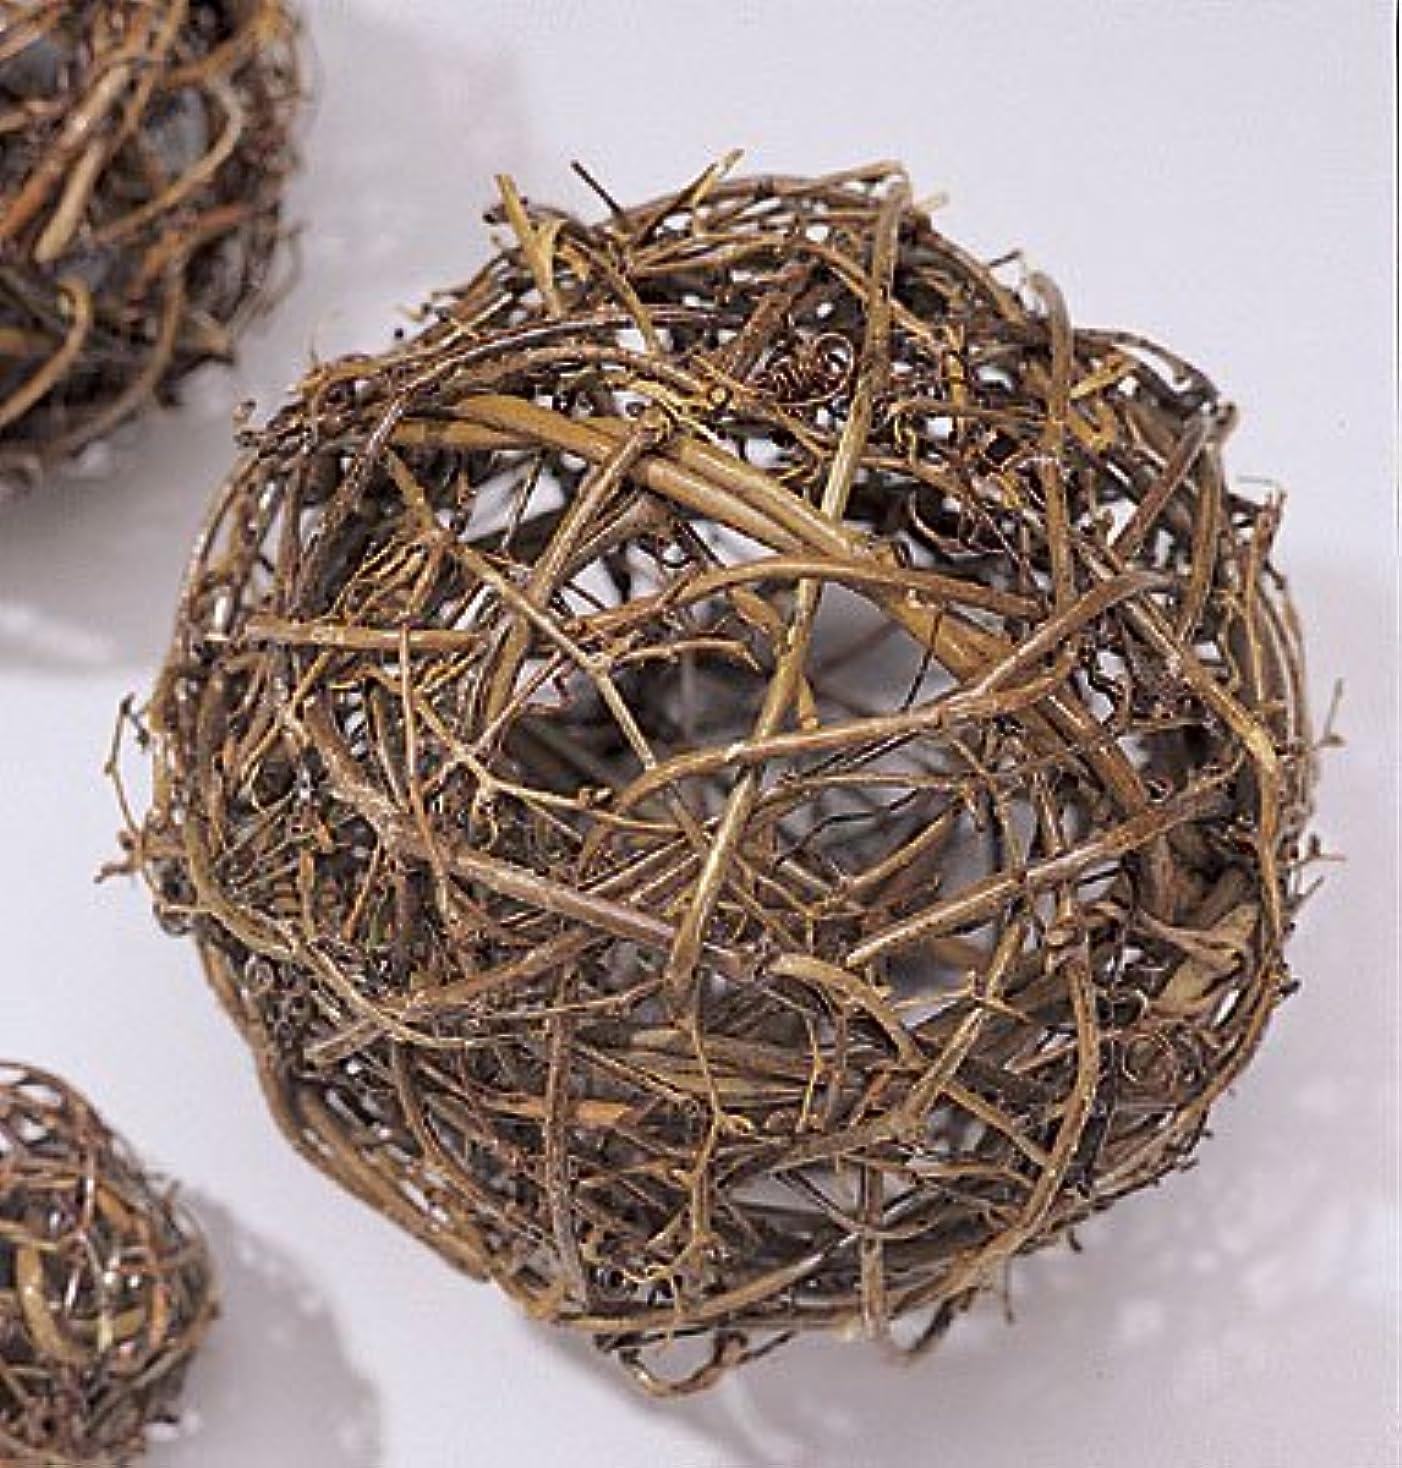 間欠価値文芸自然Grapevineトピアリーボール6、8、10、12、16、18、24、30、36インチサイズワイヤフレーム Single 30 inch ball